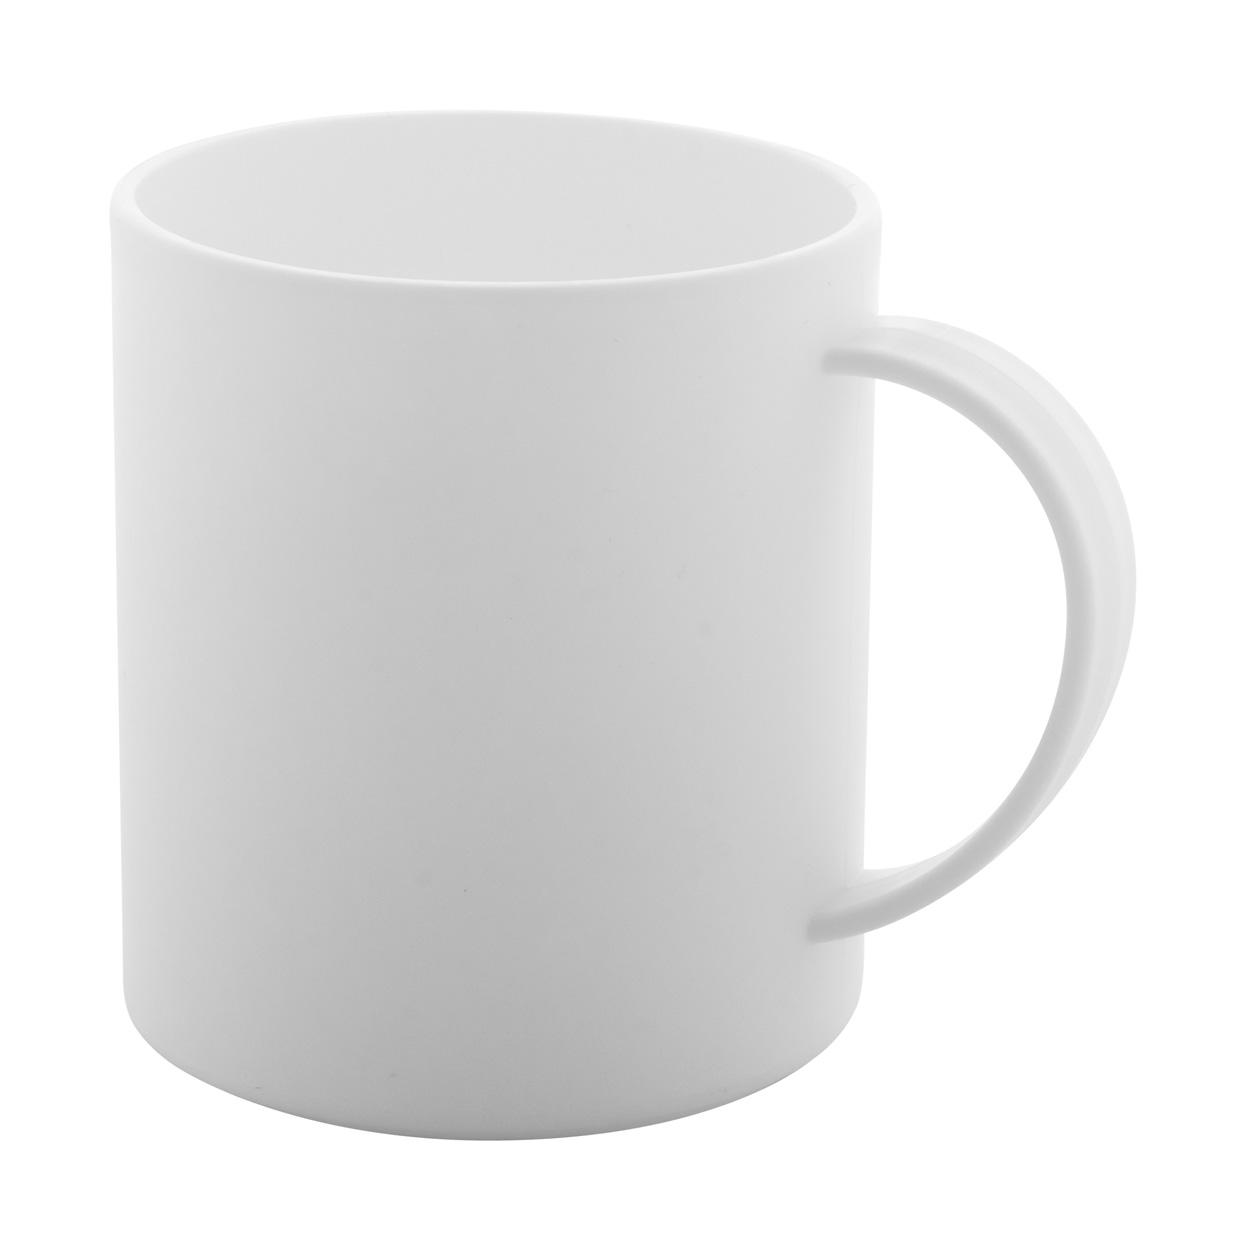 Plantex anti-bacterial mug